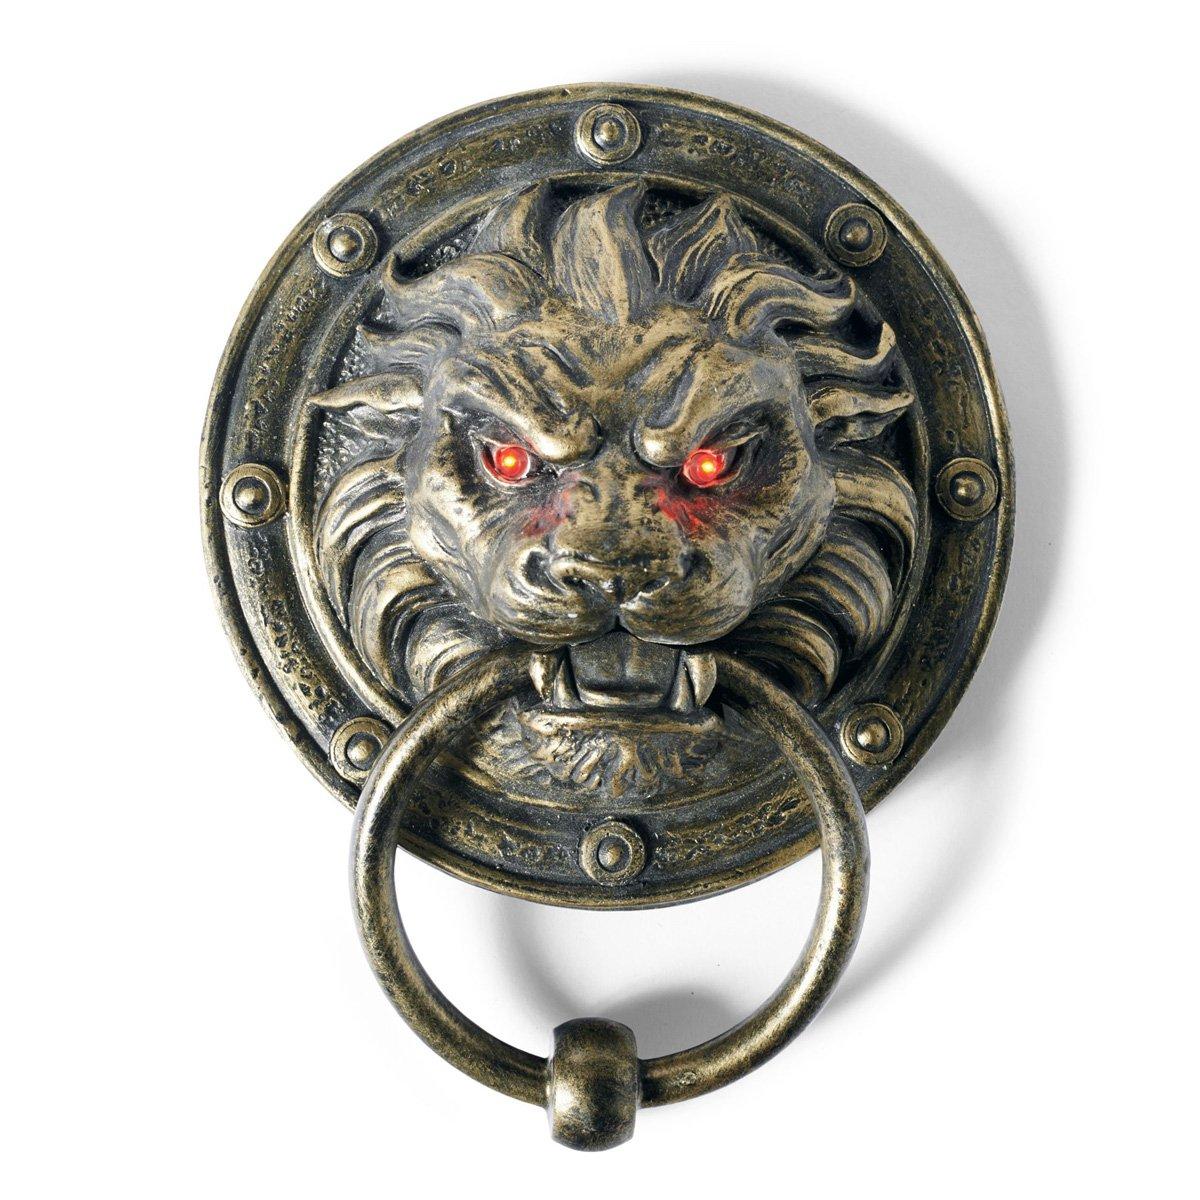 Creepy Lion Door Knocker WIth Glowing Eyes  The Green Head ~ 003642_Halloween Door Knocker